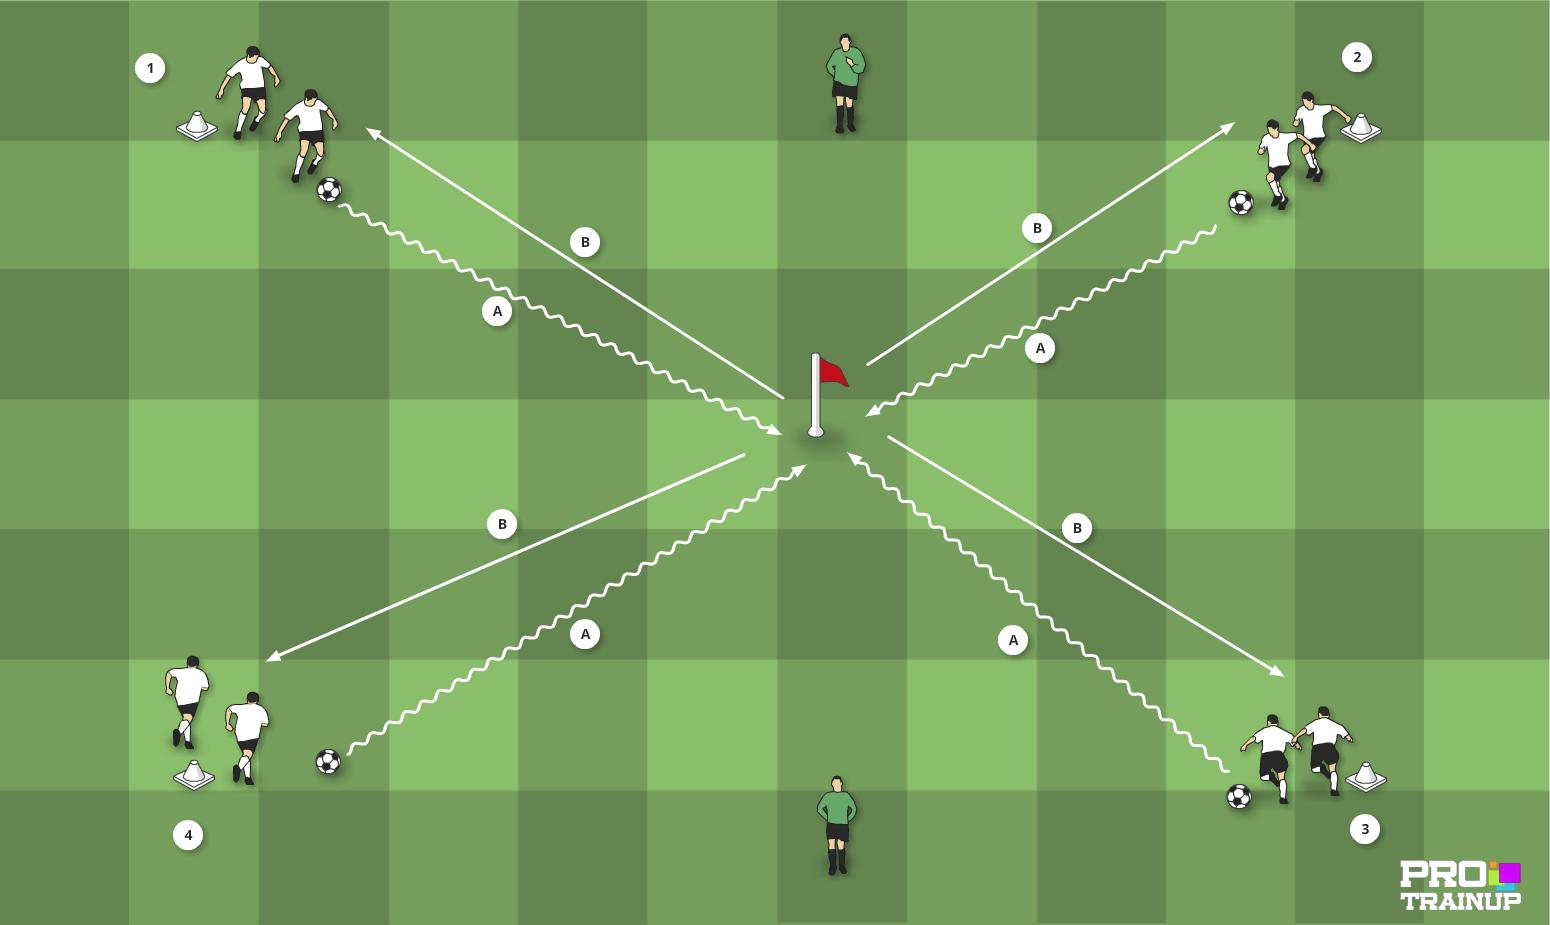 Individuální aktivity s míčem